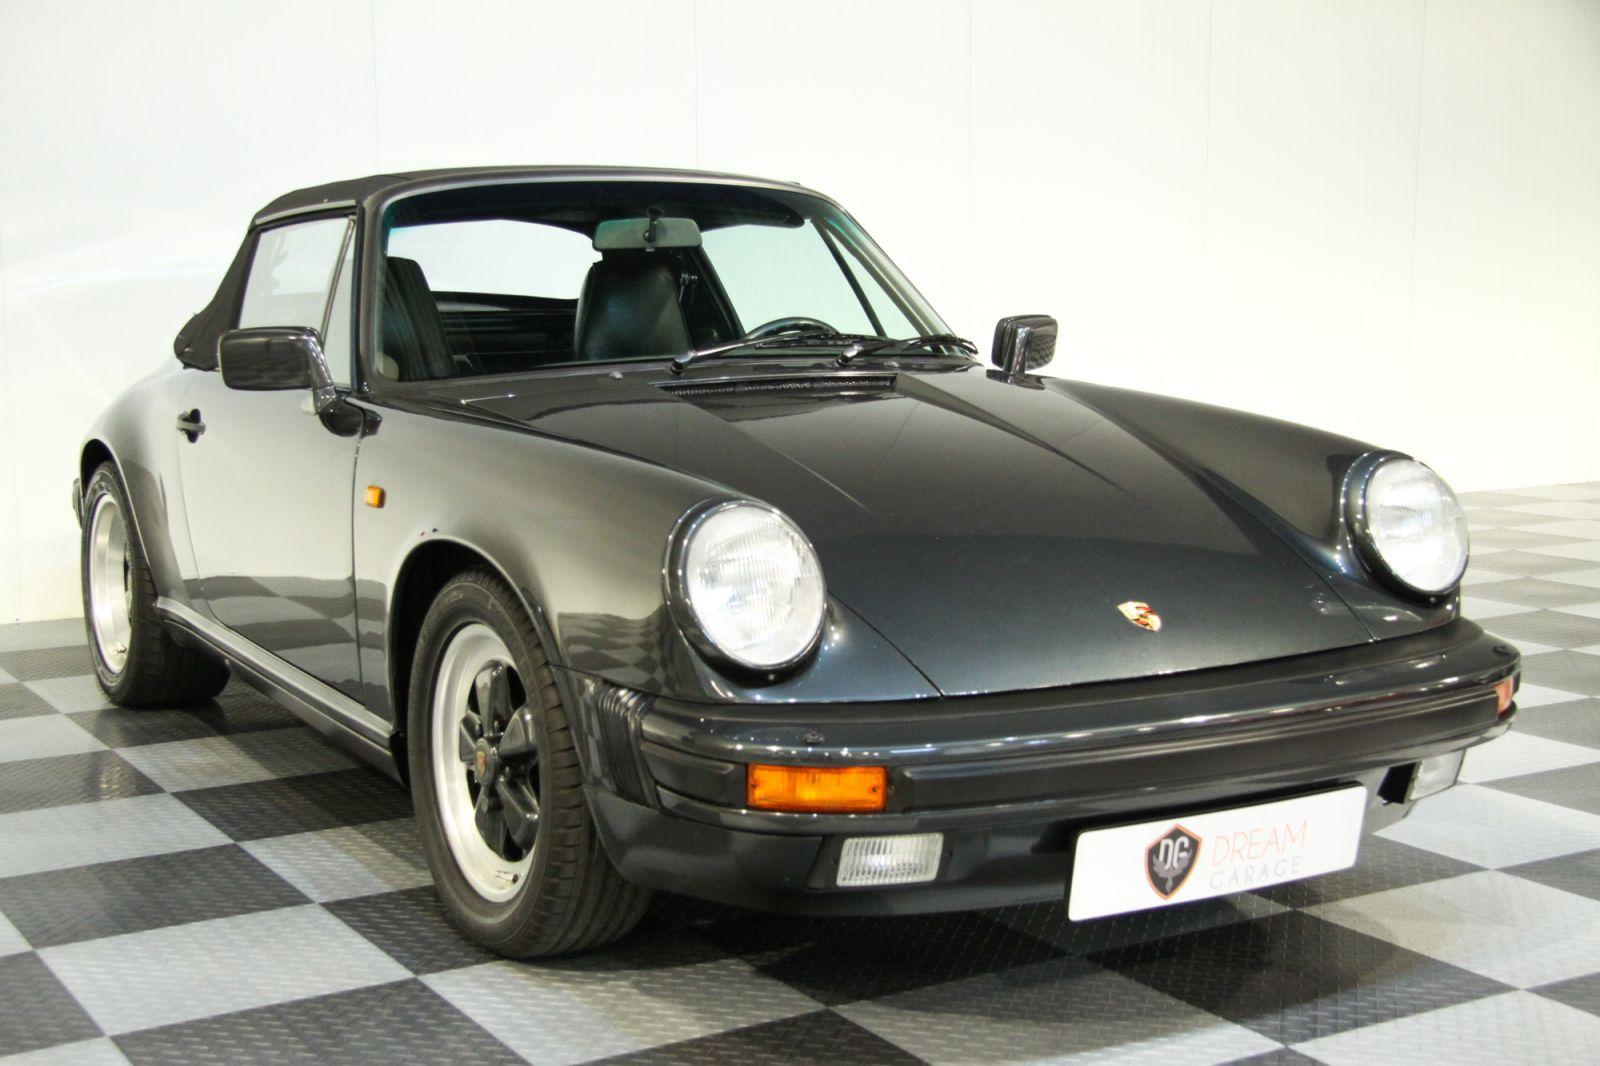 dream garage verkauftporsche porsche 911 carrera cabrio g50. Black Bedroom Furniture Sets. Home Design Ideas